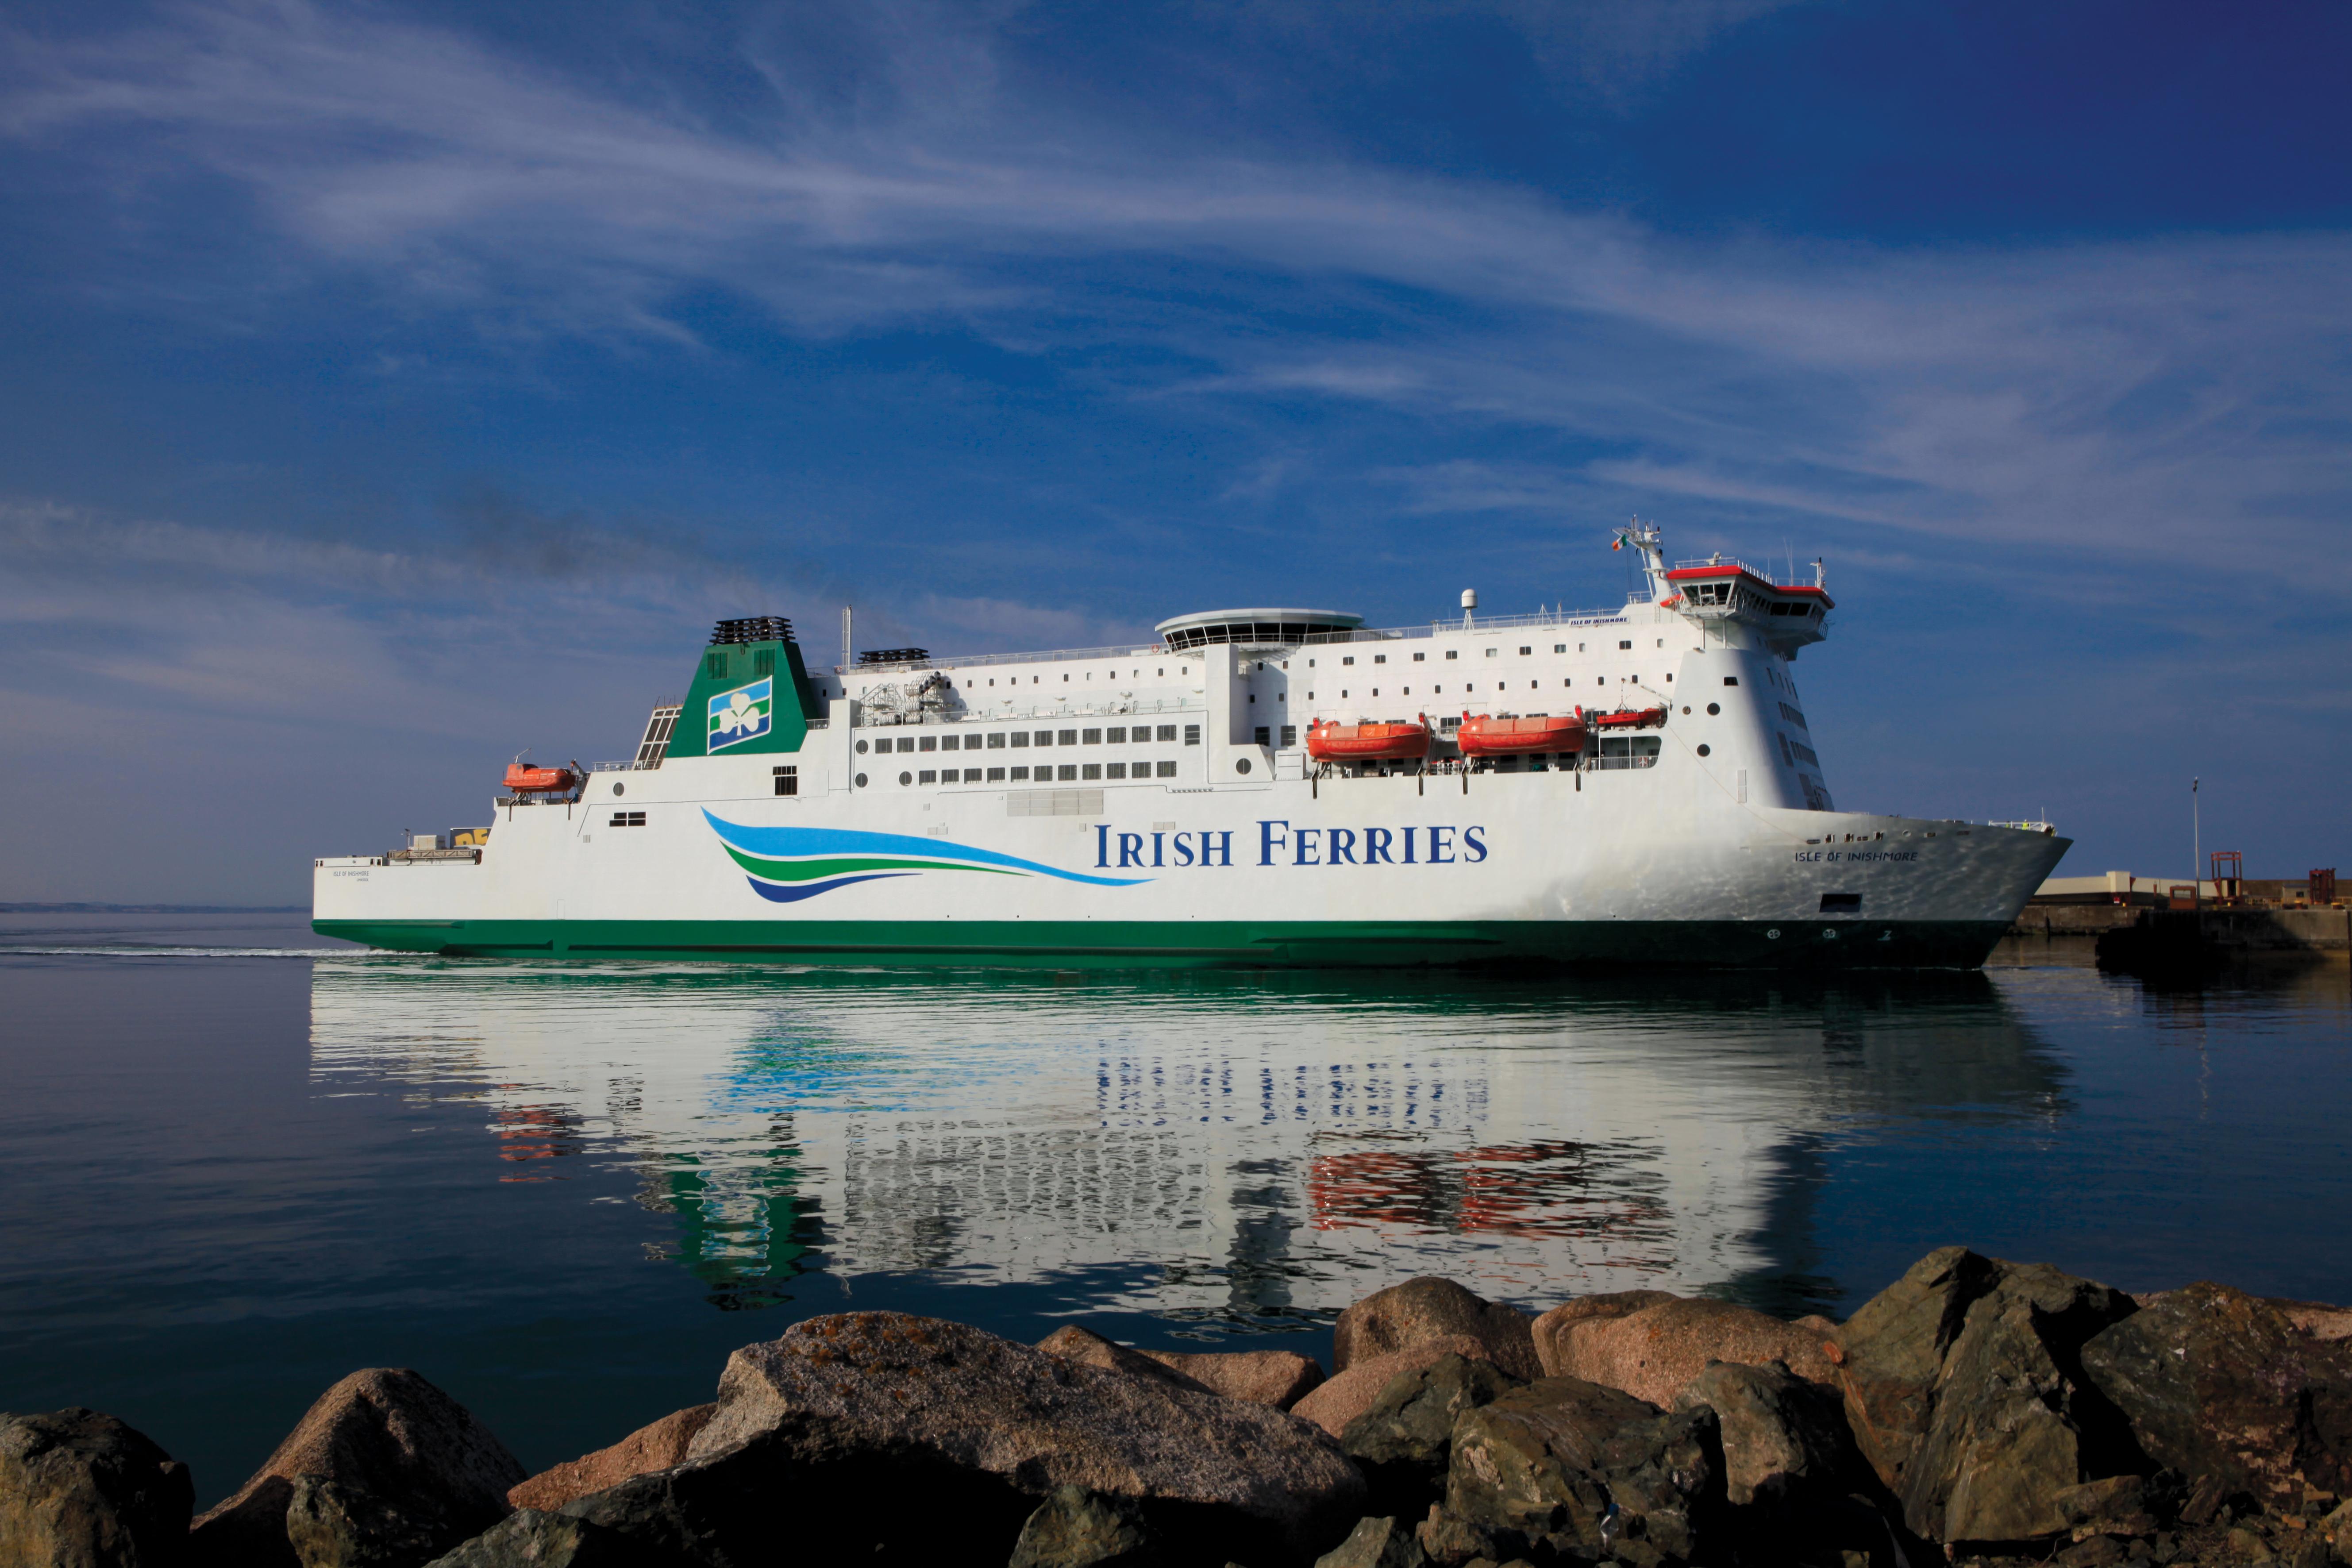 Un des nombreux ferries desservant l'Irlande.